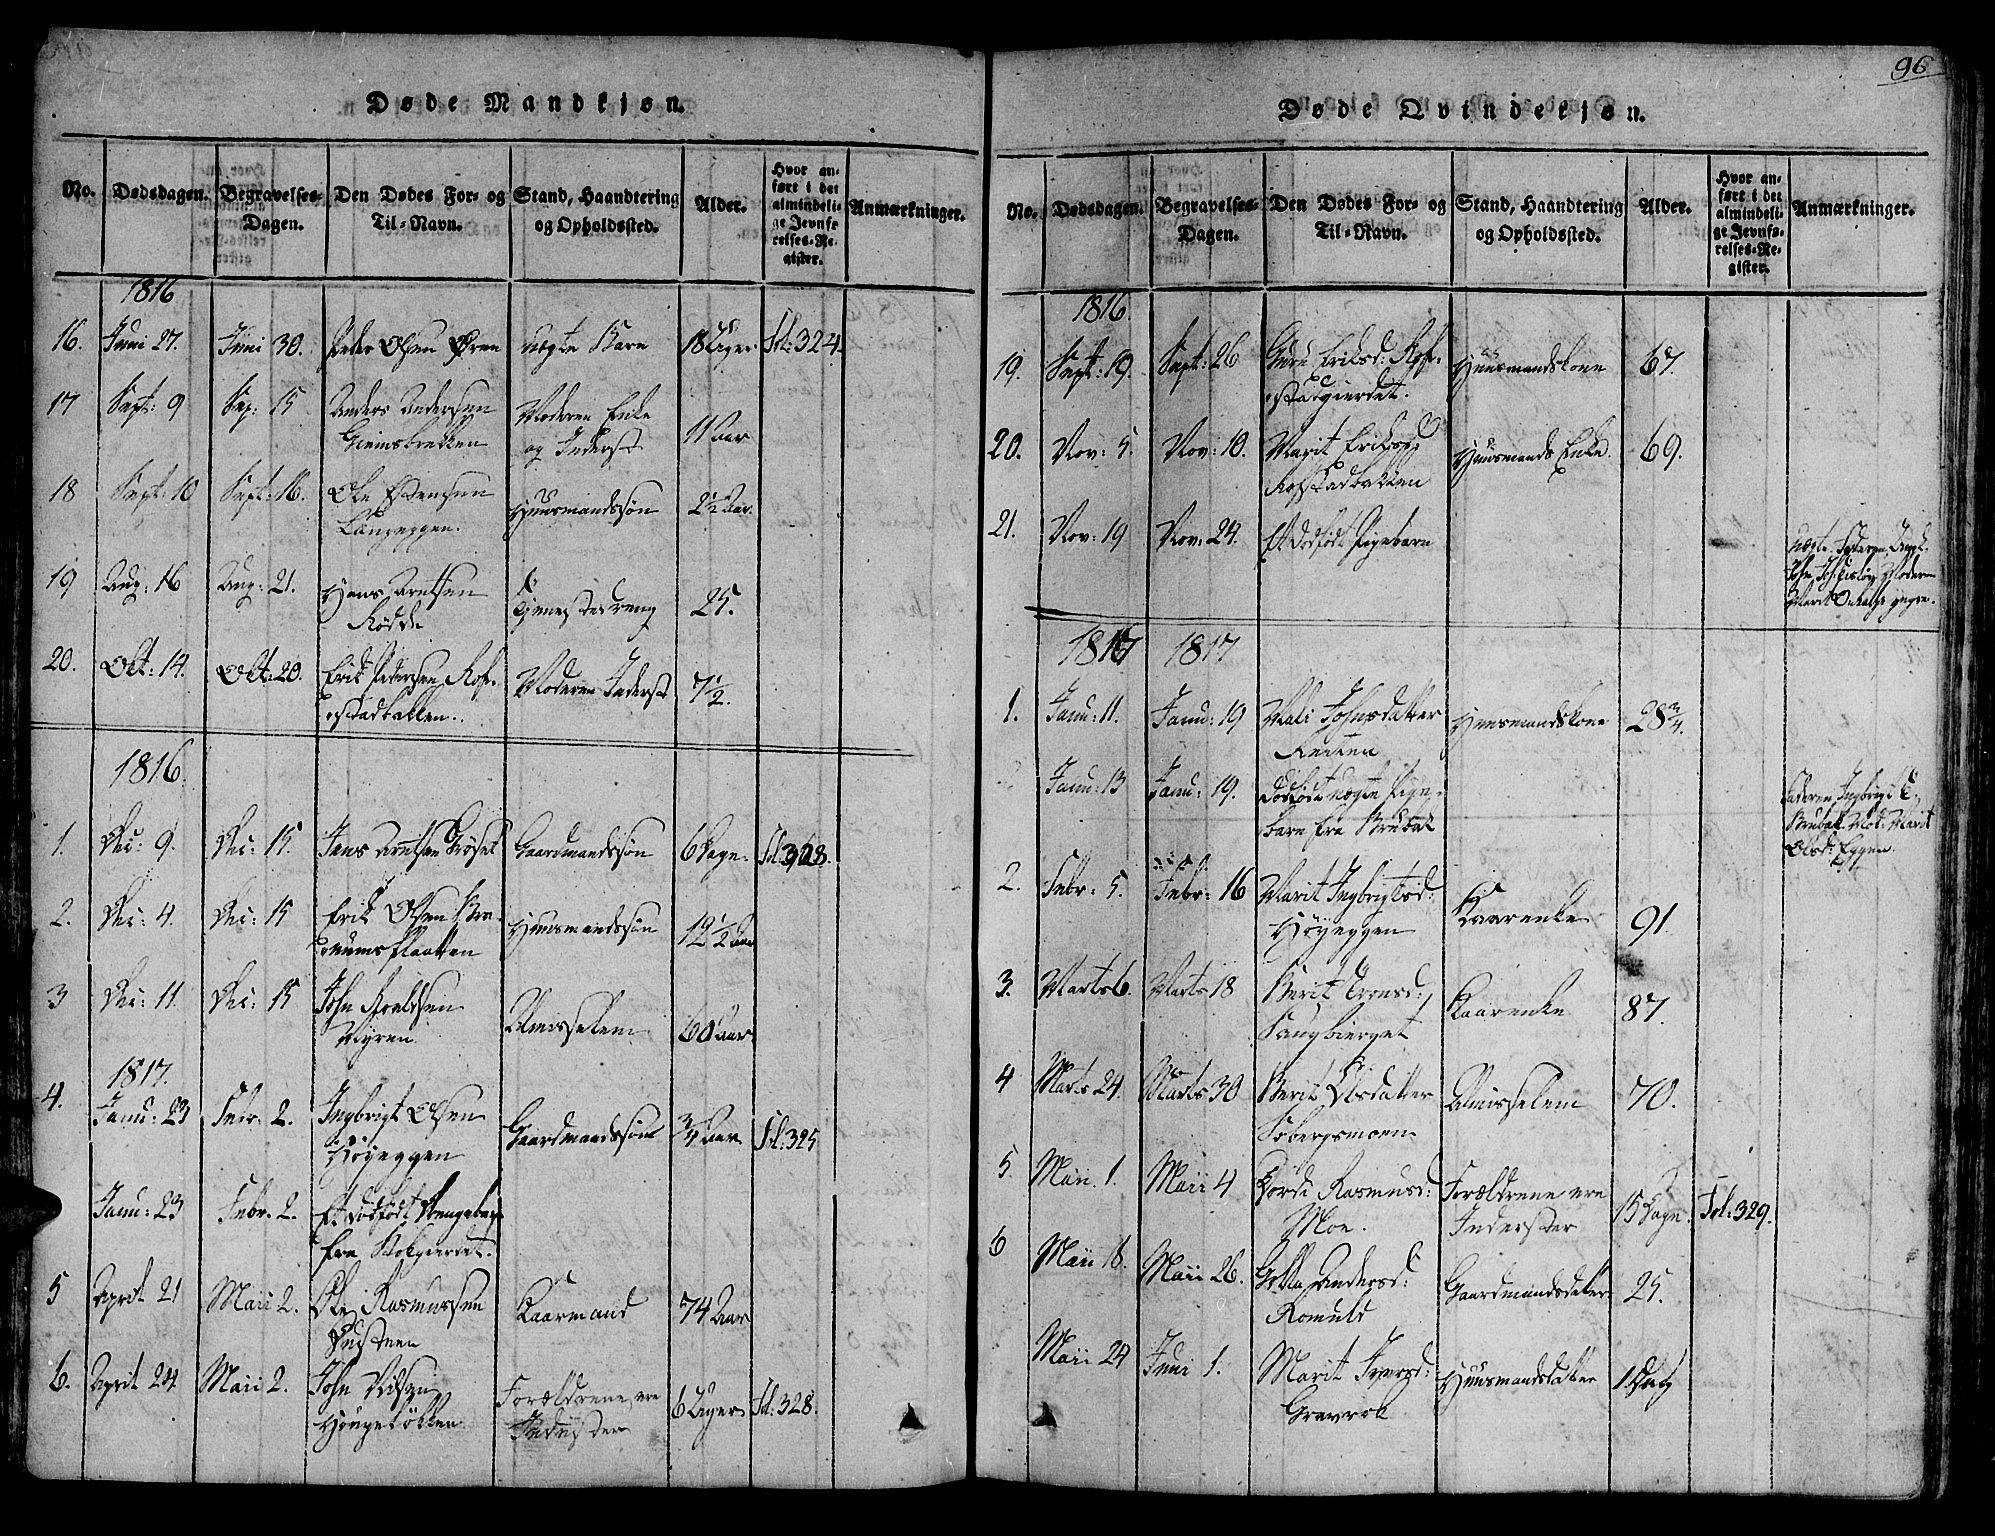 SAT, Ministerialprotokoller, klokkerbøker og fødselsregistre - Sør-Trøndelag, 691/L1065: Ministerialbok nr. 691A03 /1, 1816-1826, s. 96